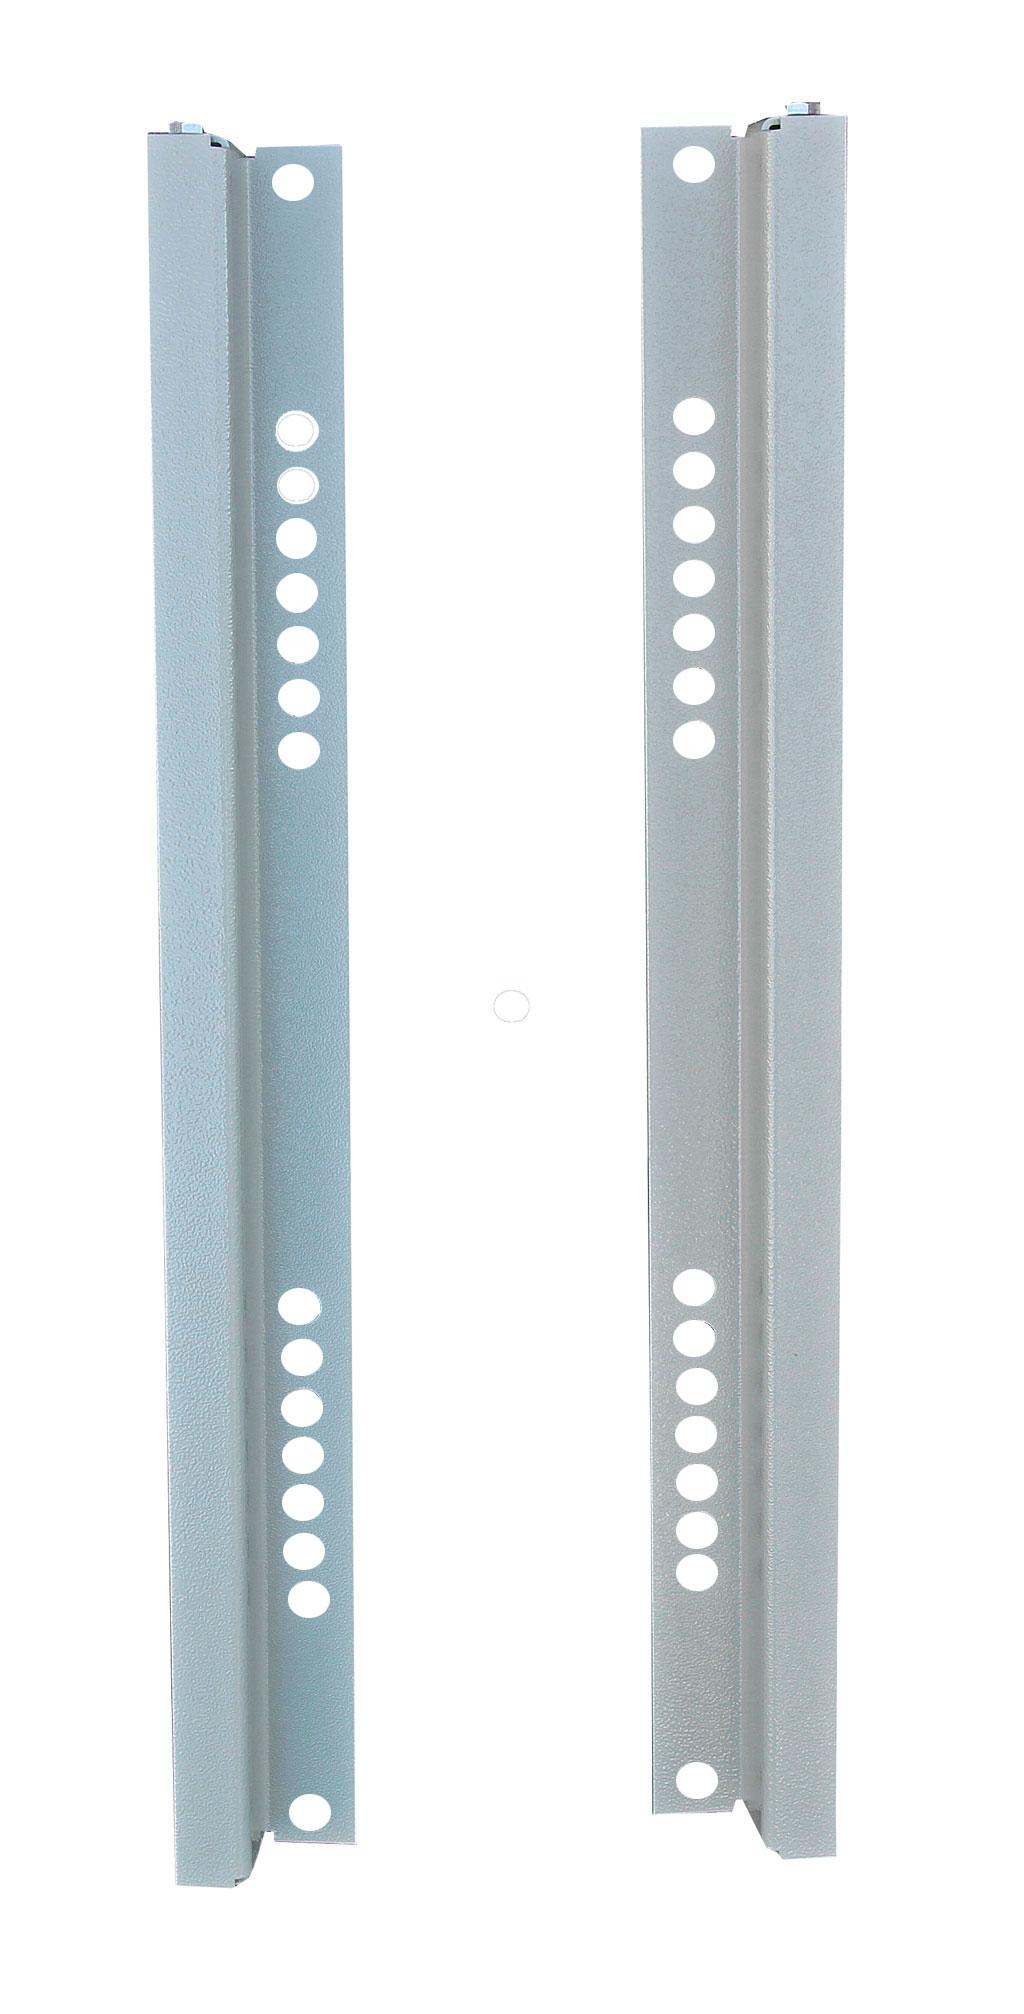 Stolpfaste-till-Dubbelvaggiga-Aluminiumsskap-800mm-breda